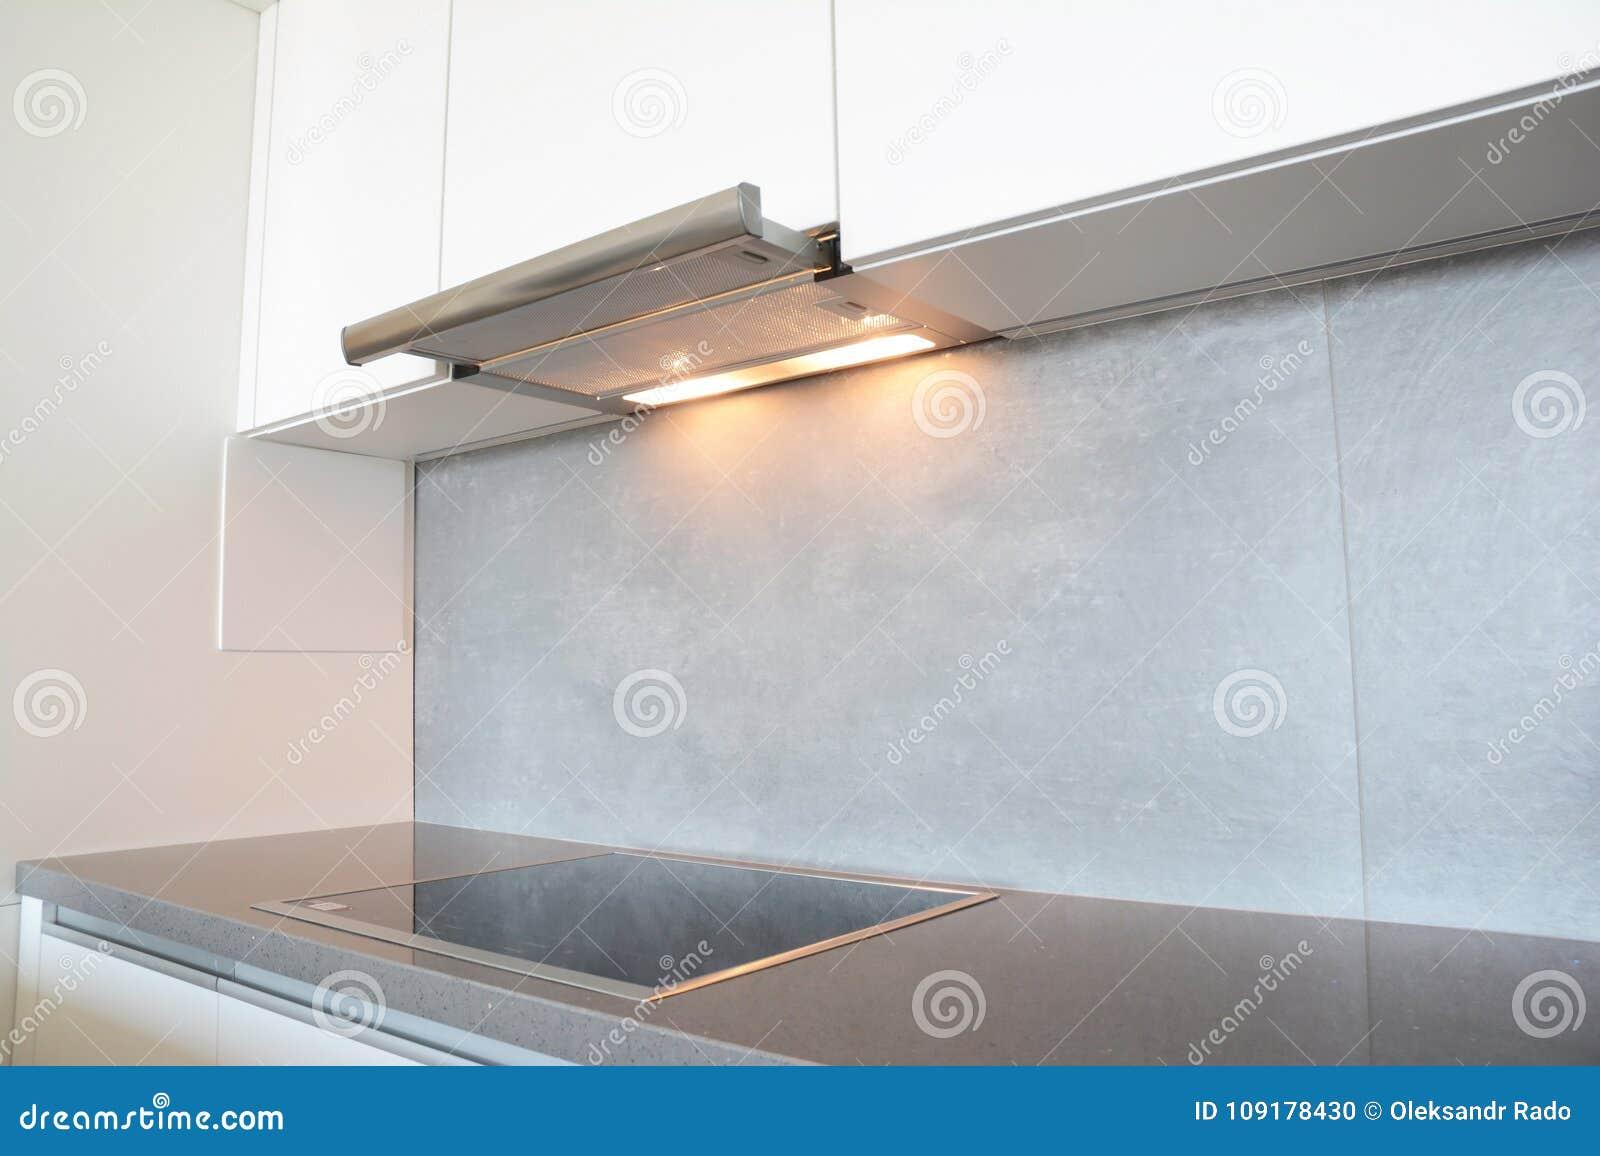 Schließen sie oben auf modernem luftlüfterküche fan oder